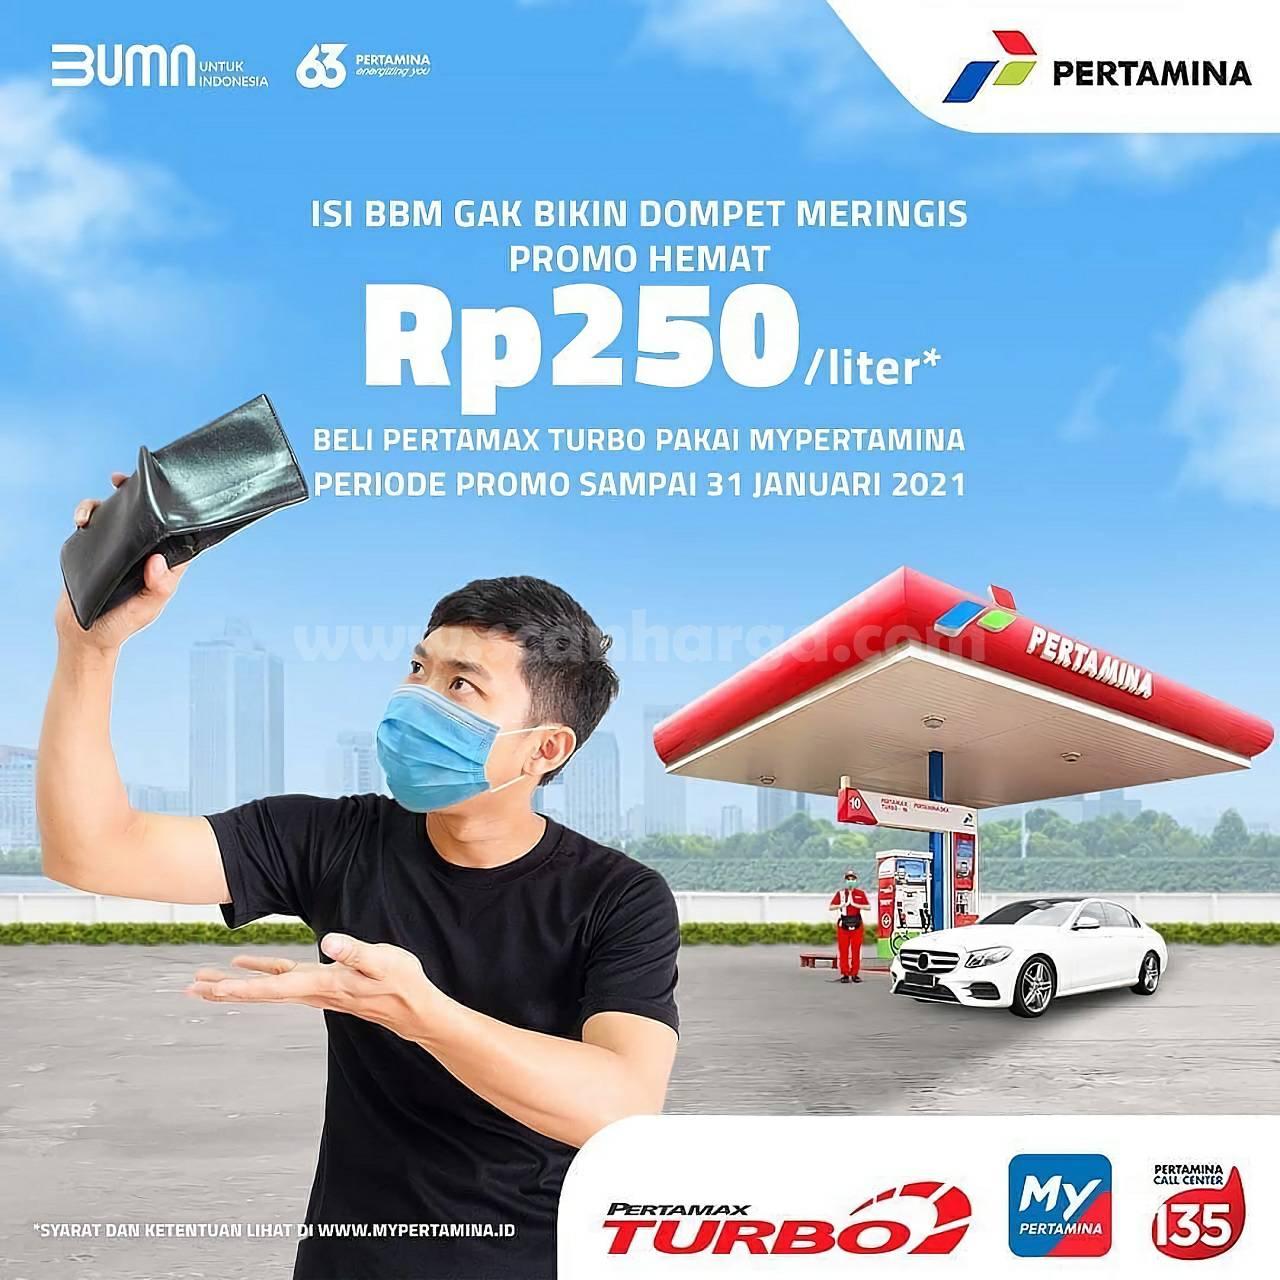 PERTAMINA Promo Hemat Rp 250 Liter – Setiap pembelian Pertamax Turbo